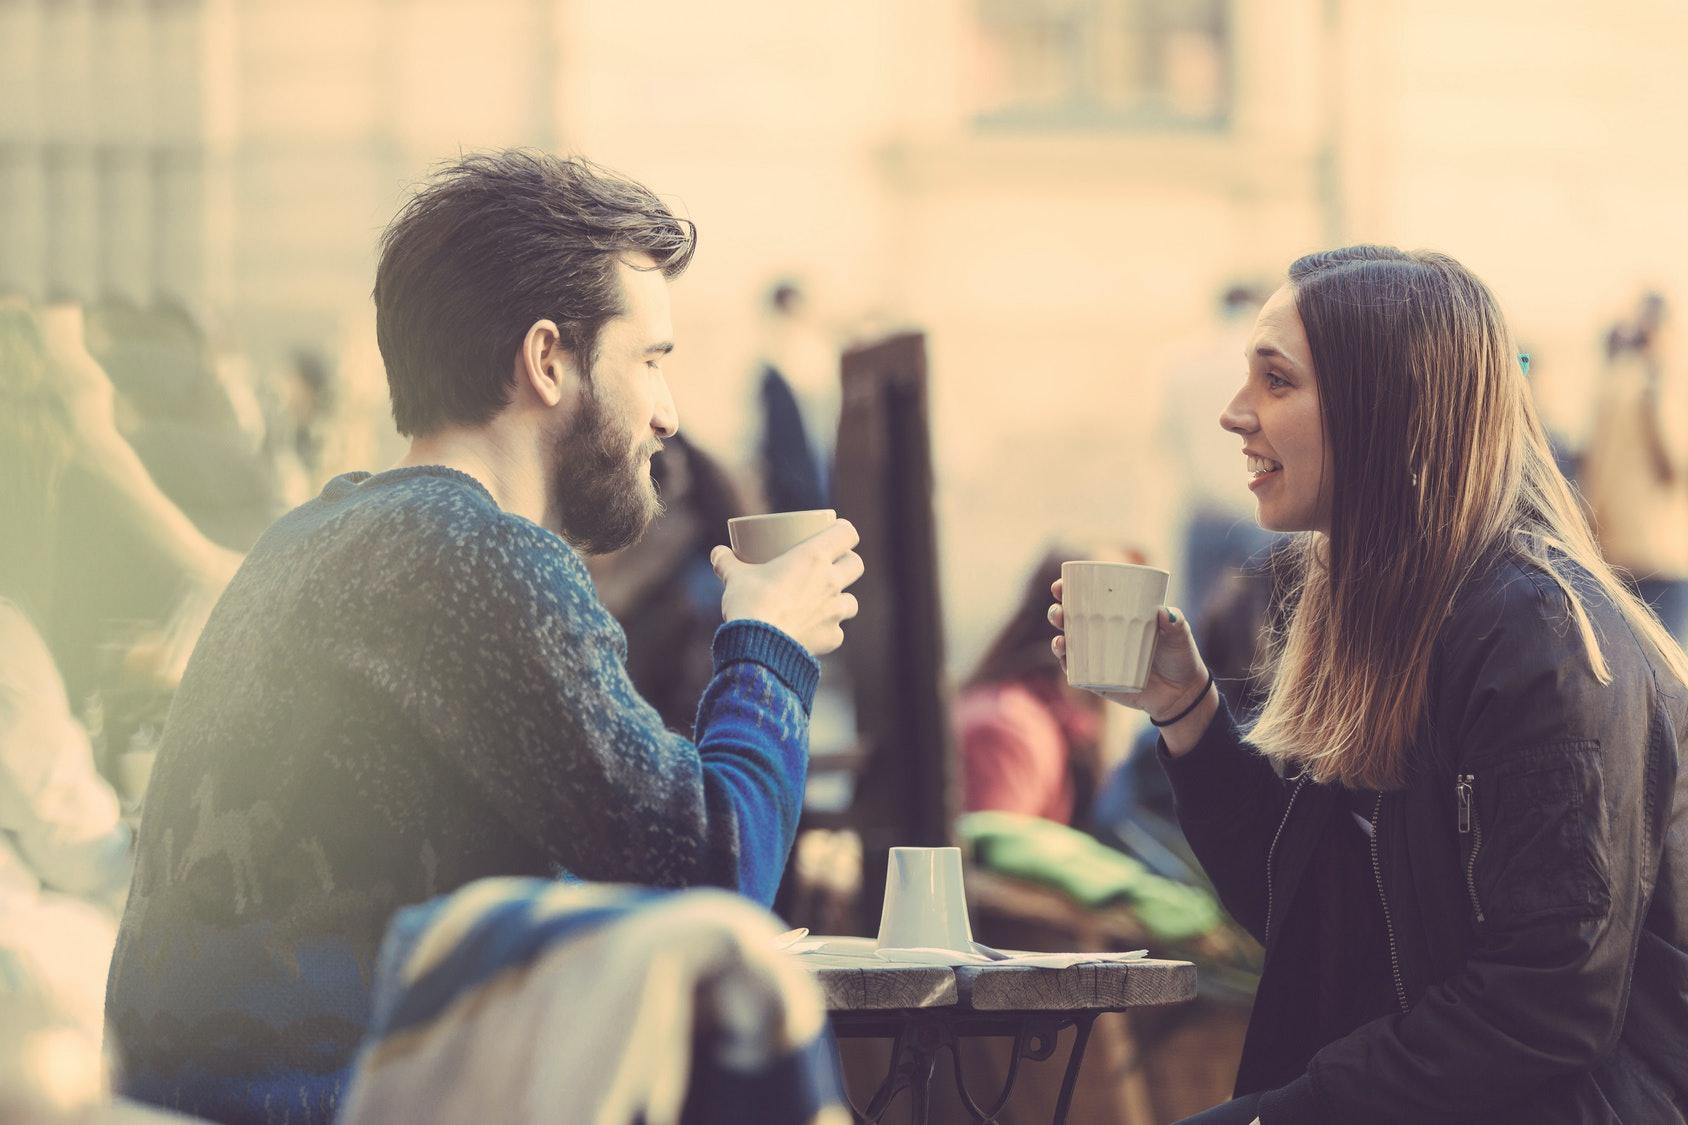 Meet strangers nearby